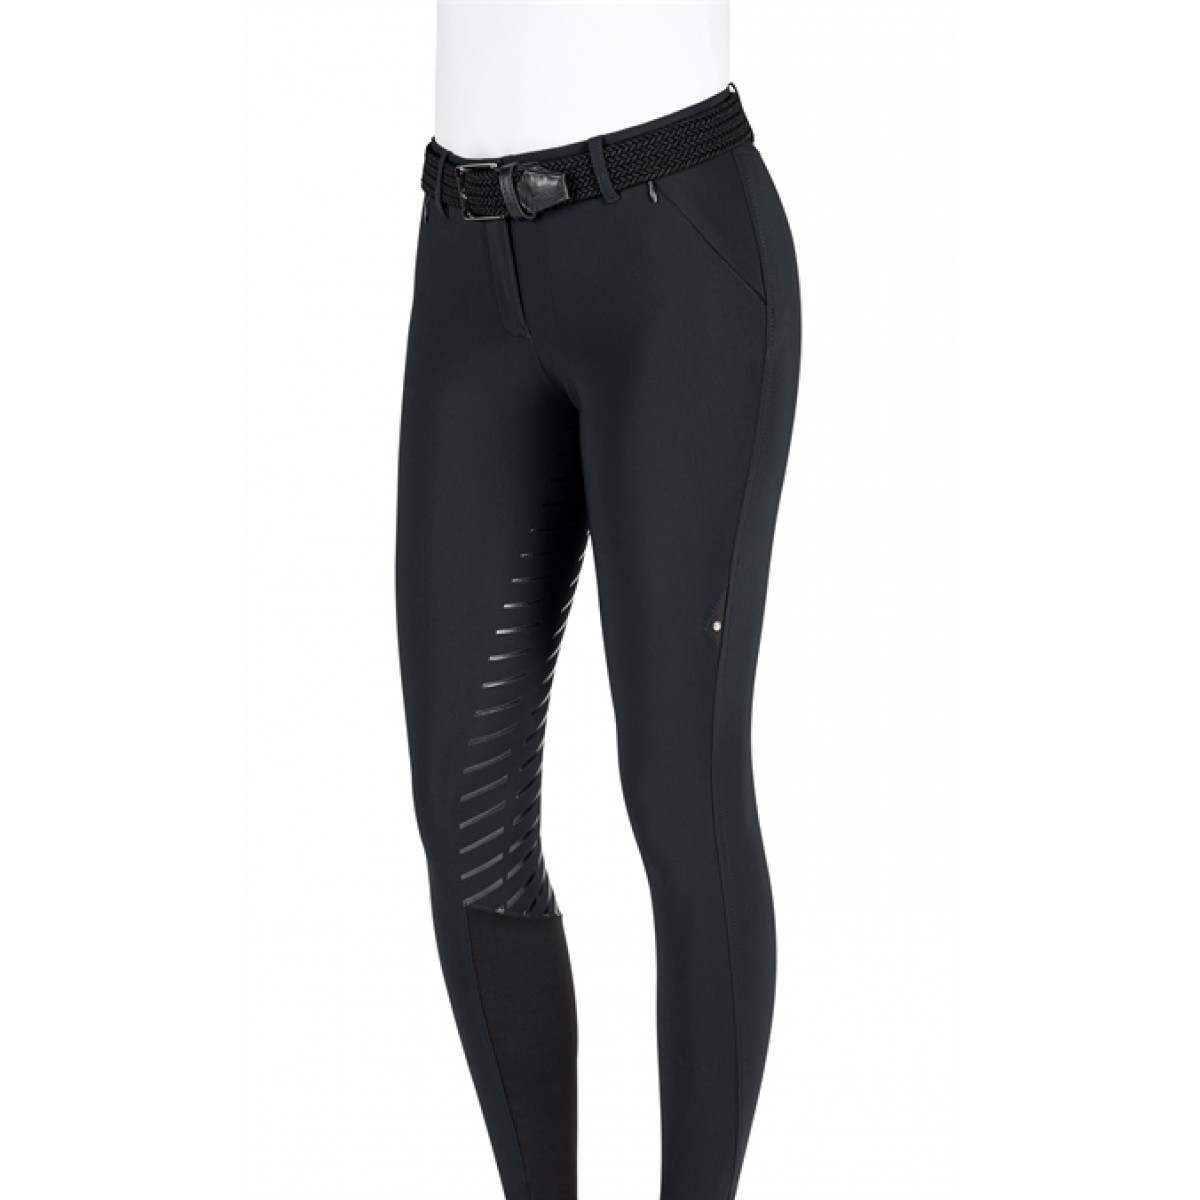 Equiline Pantalone Full Grip Sort